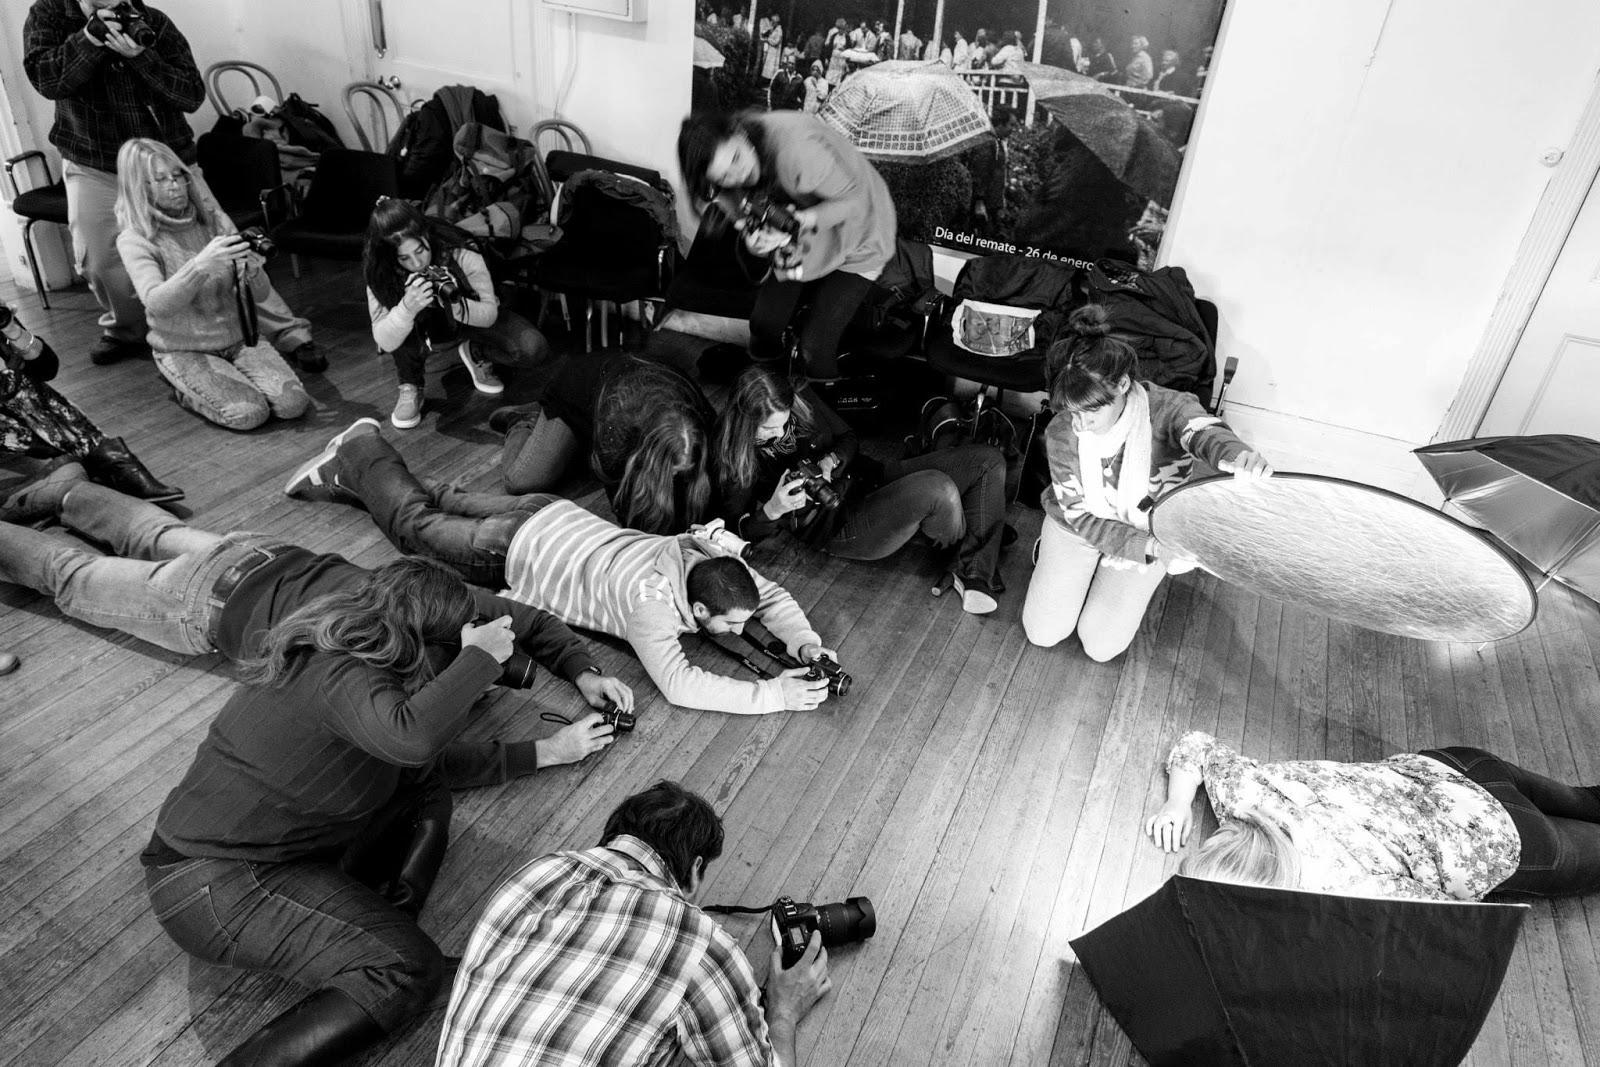 Alejo Sánchez Fotografía - Fotografía comercial y de autor - Cursos Talleres - Viajes - Workshops - Fine art - Muestras Fotográficas - Curadurías - Dirección de arte